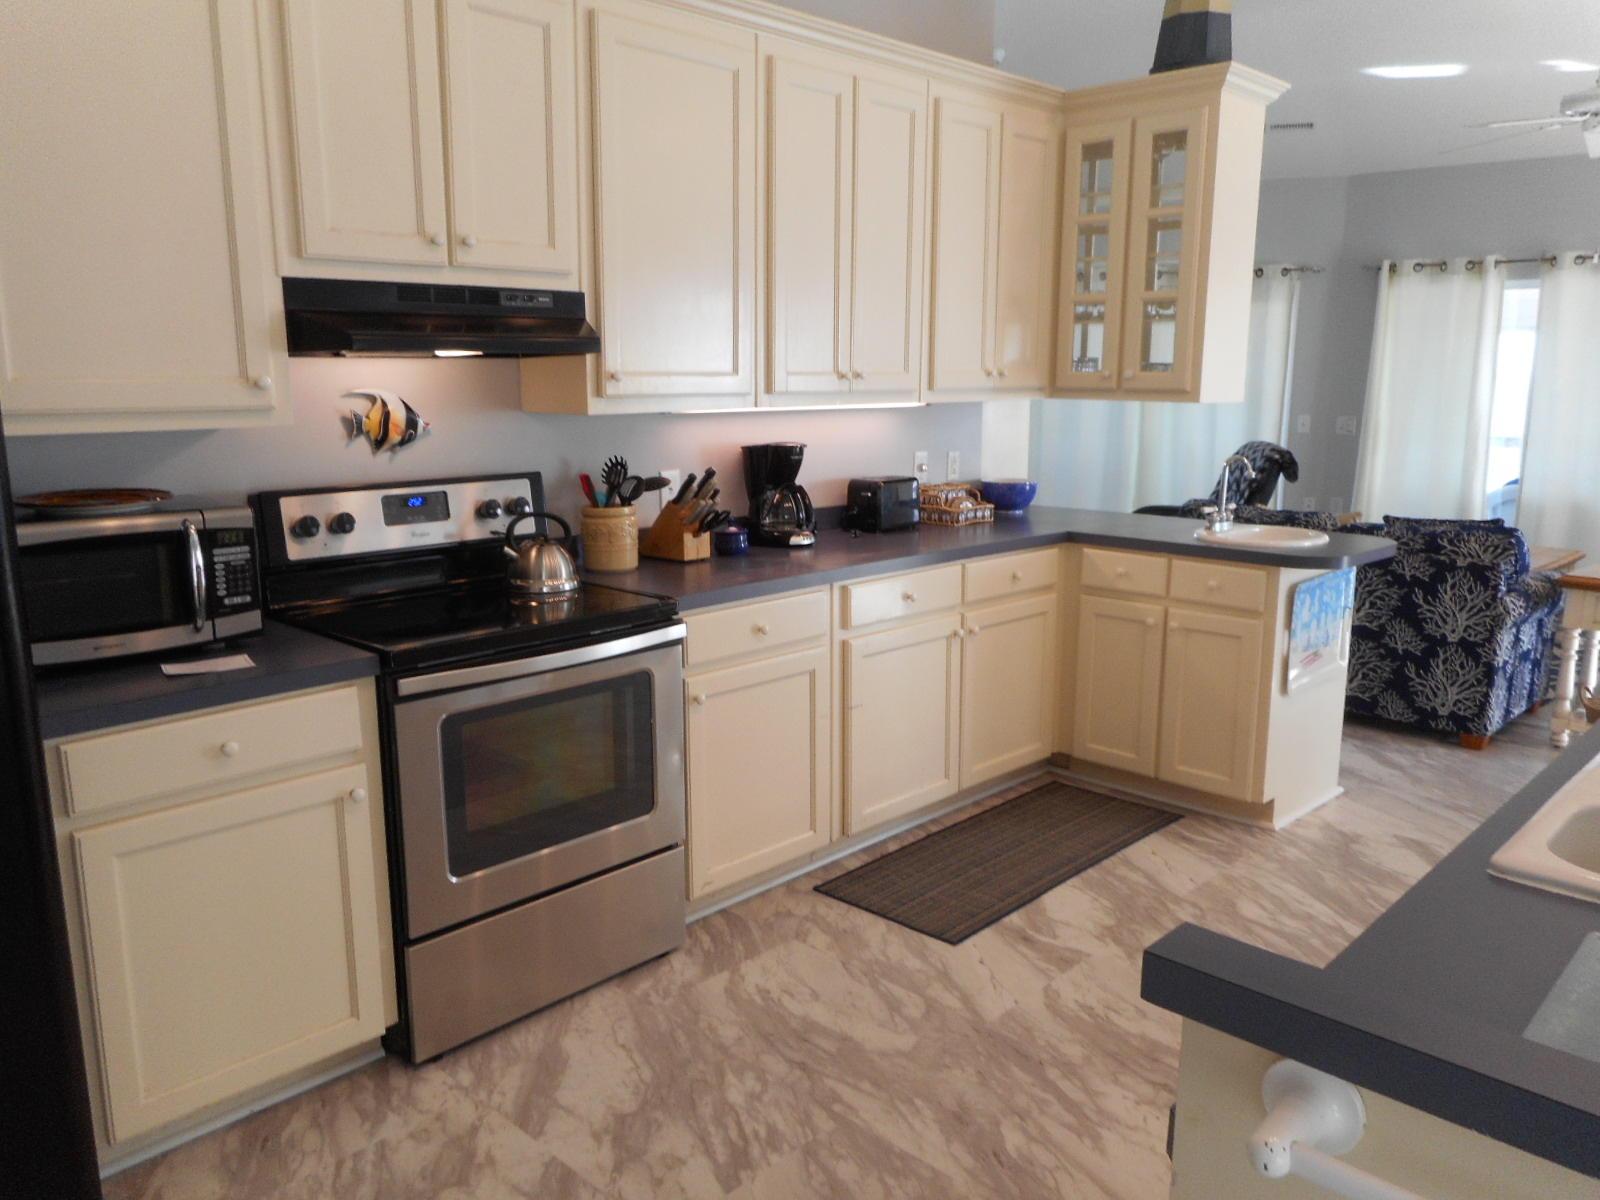 Beachfront Homes For Sale - 1506 Palmetto, Edisto Beach, SC - 20